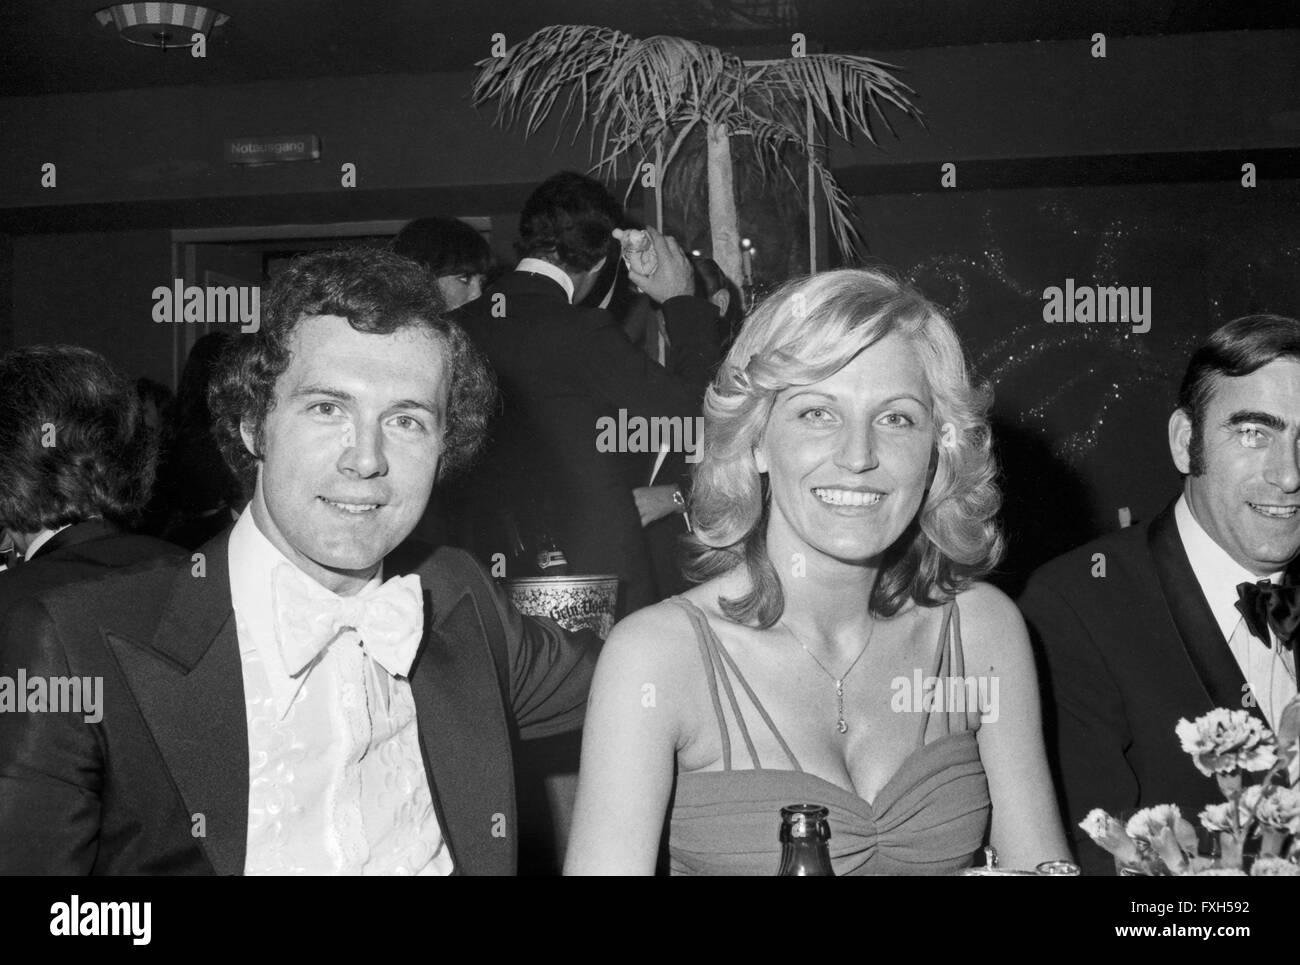 Der Deutsche Irish Franz Beckenbauer Mit Ehefrau Brigitte Beim SPIO Filmball in München 1976, 1970er Jahre Stockbild